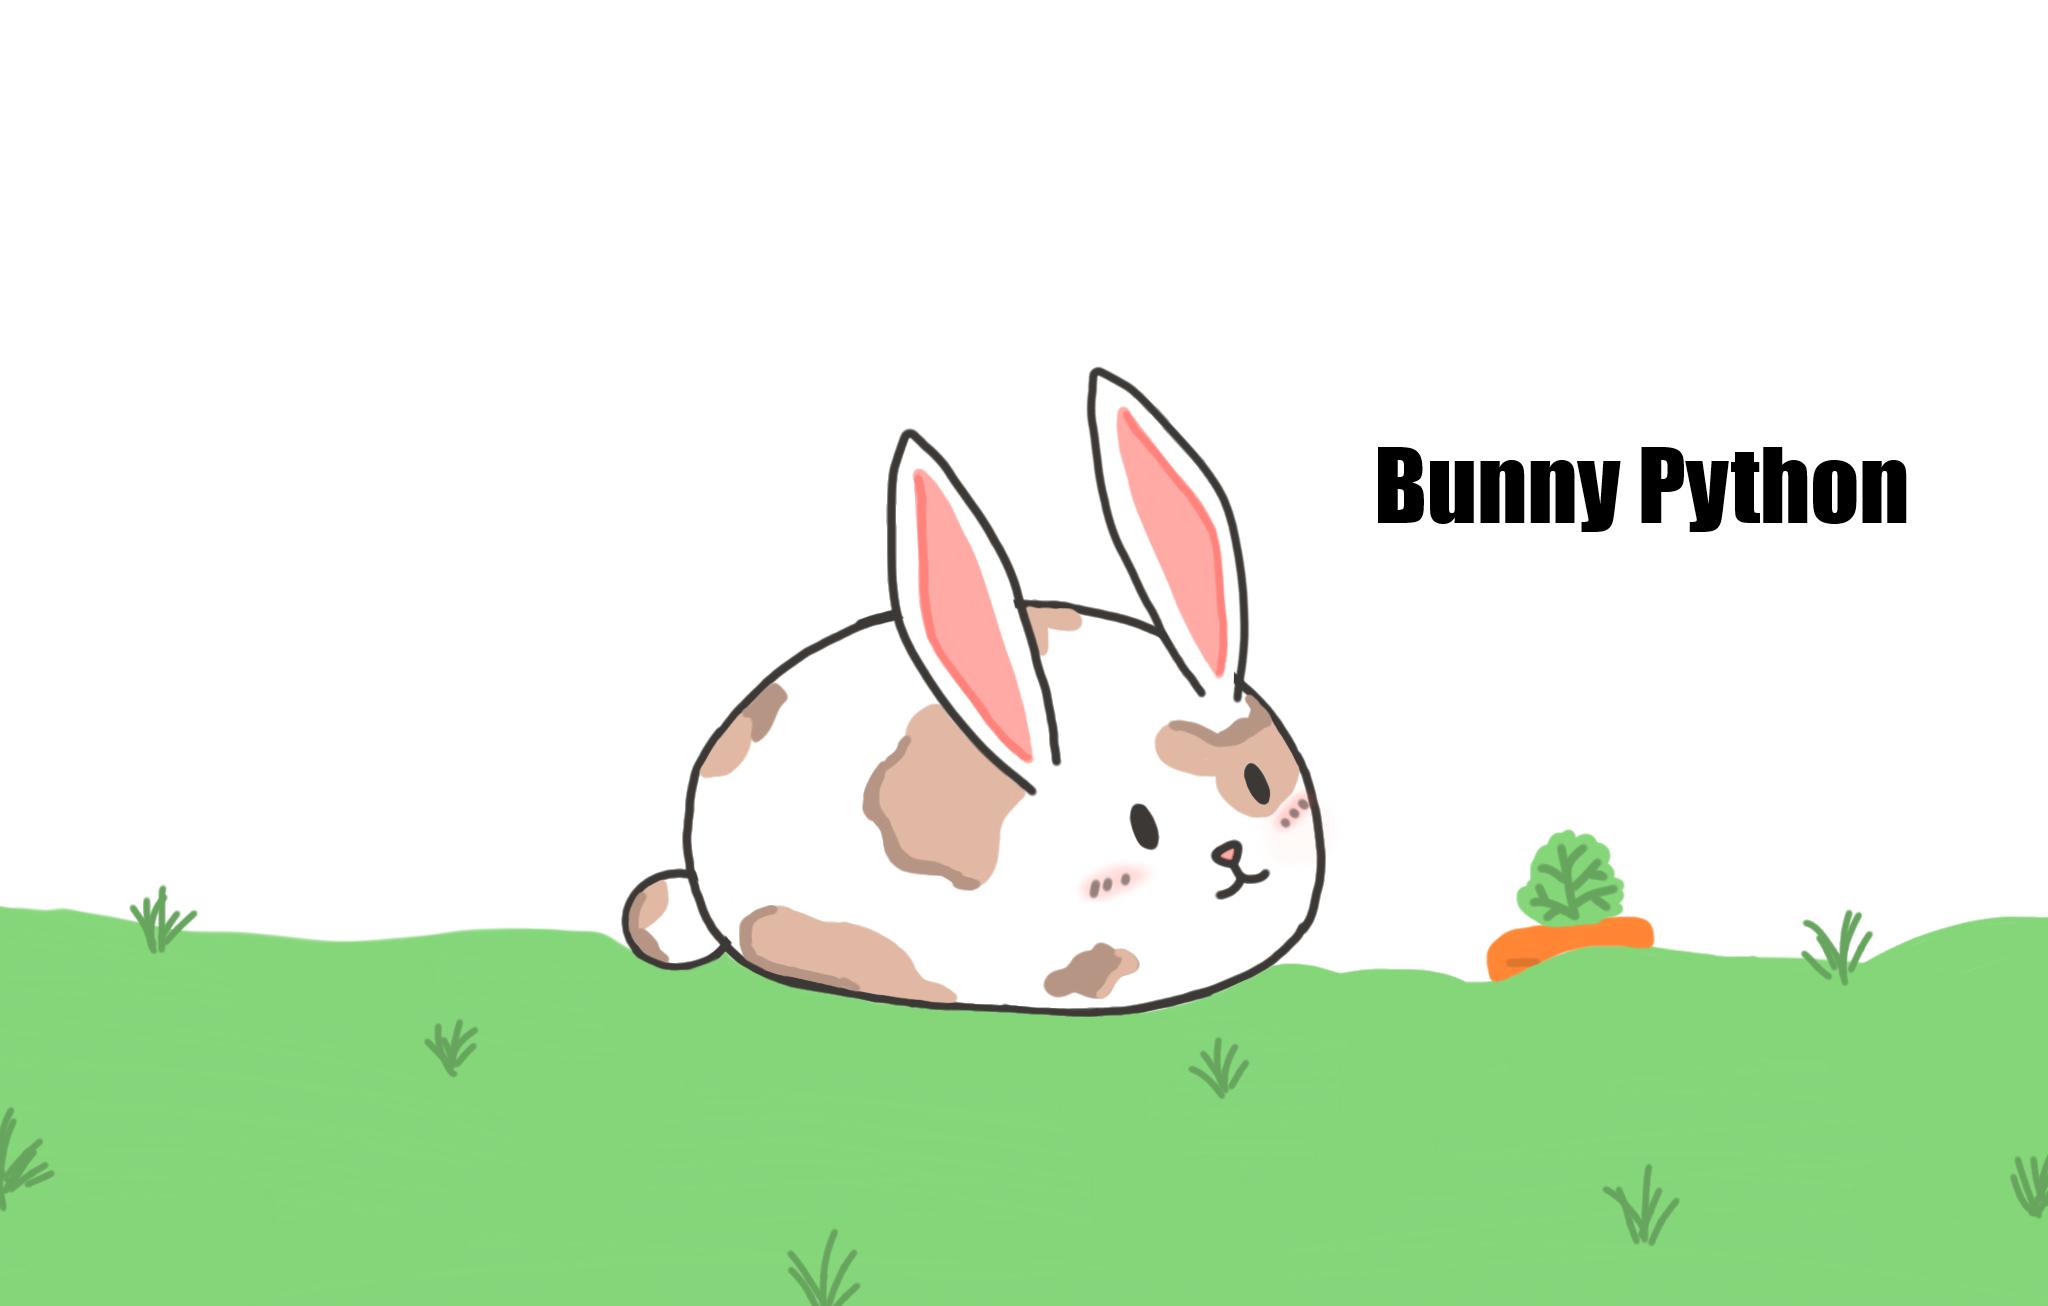 Bunny Python Game